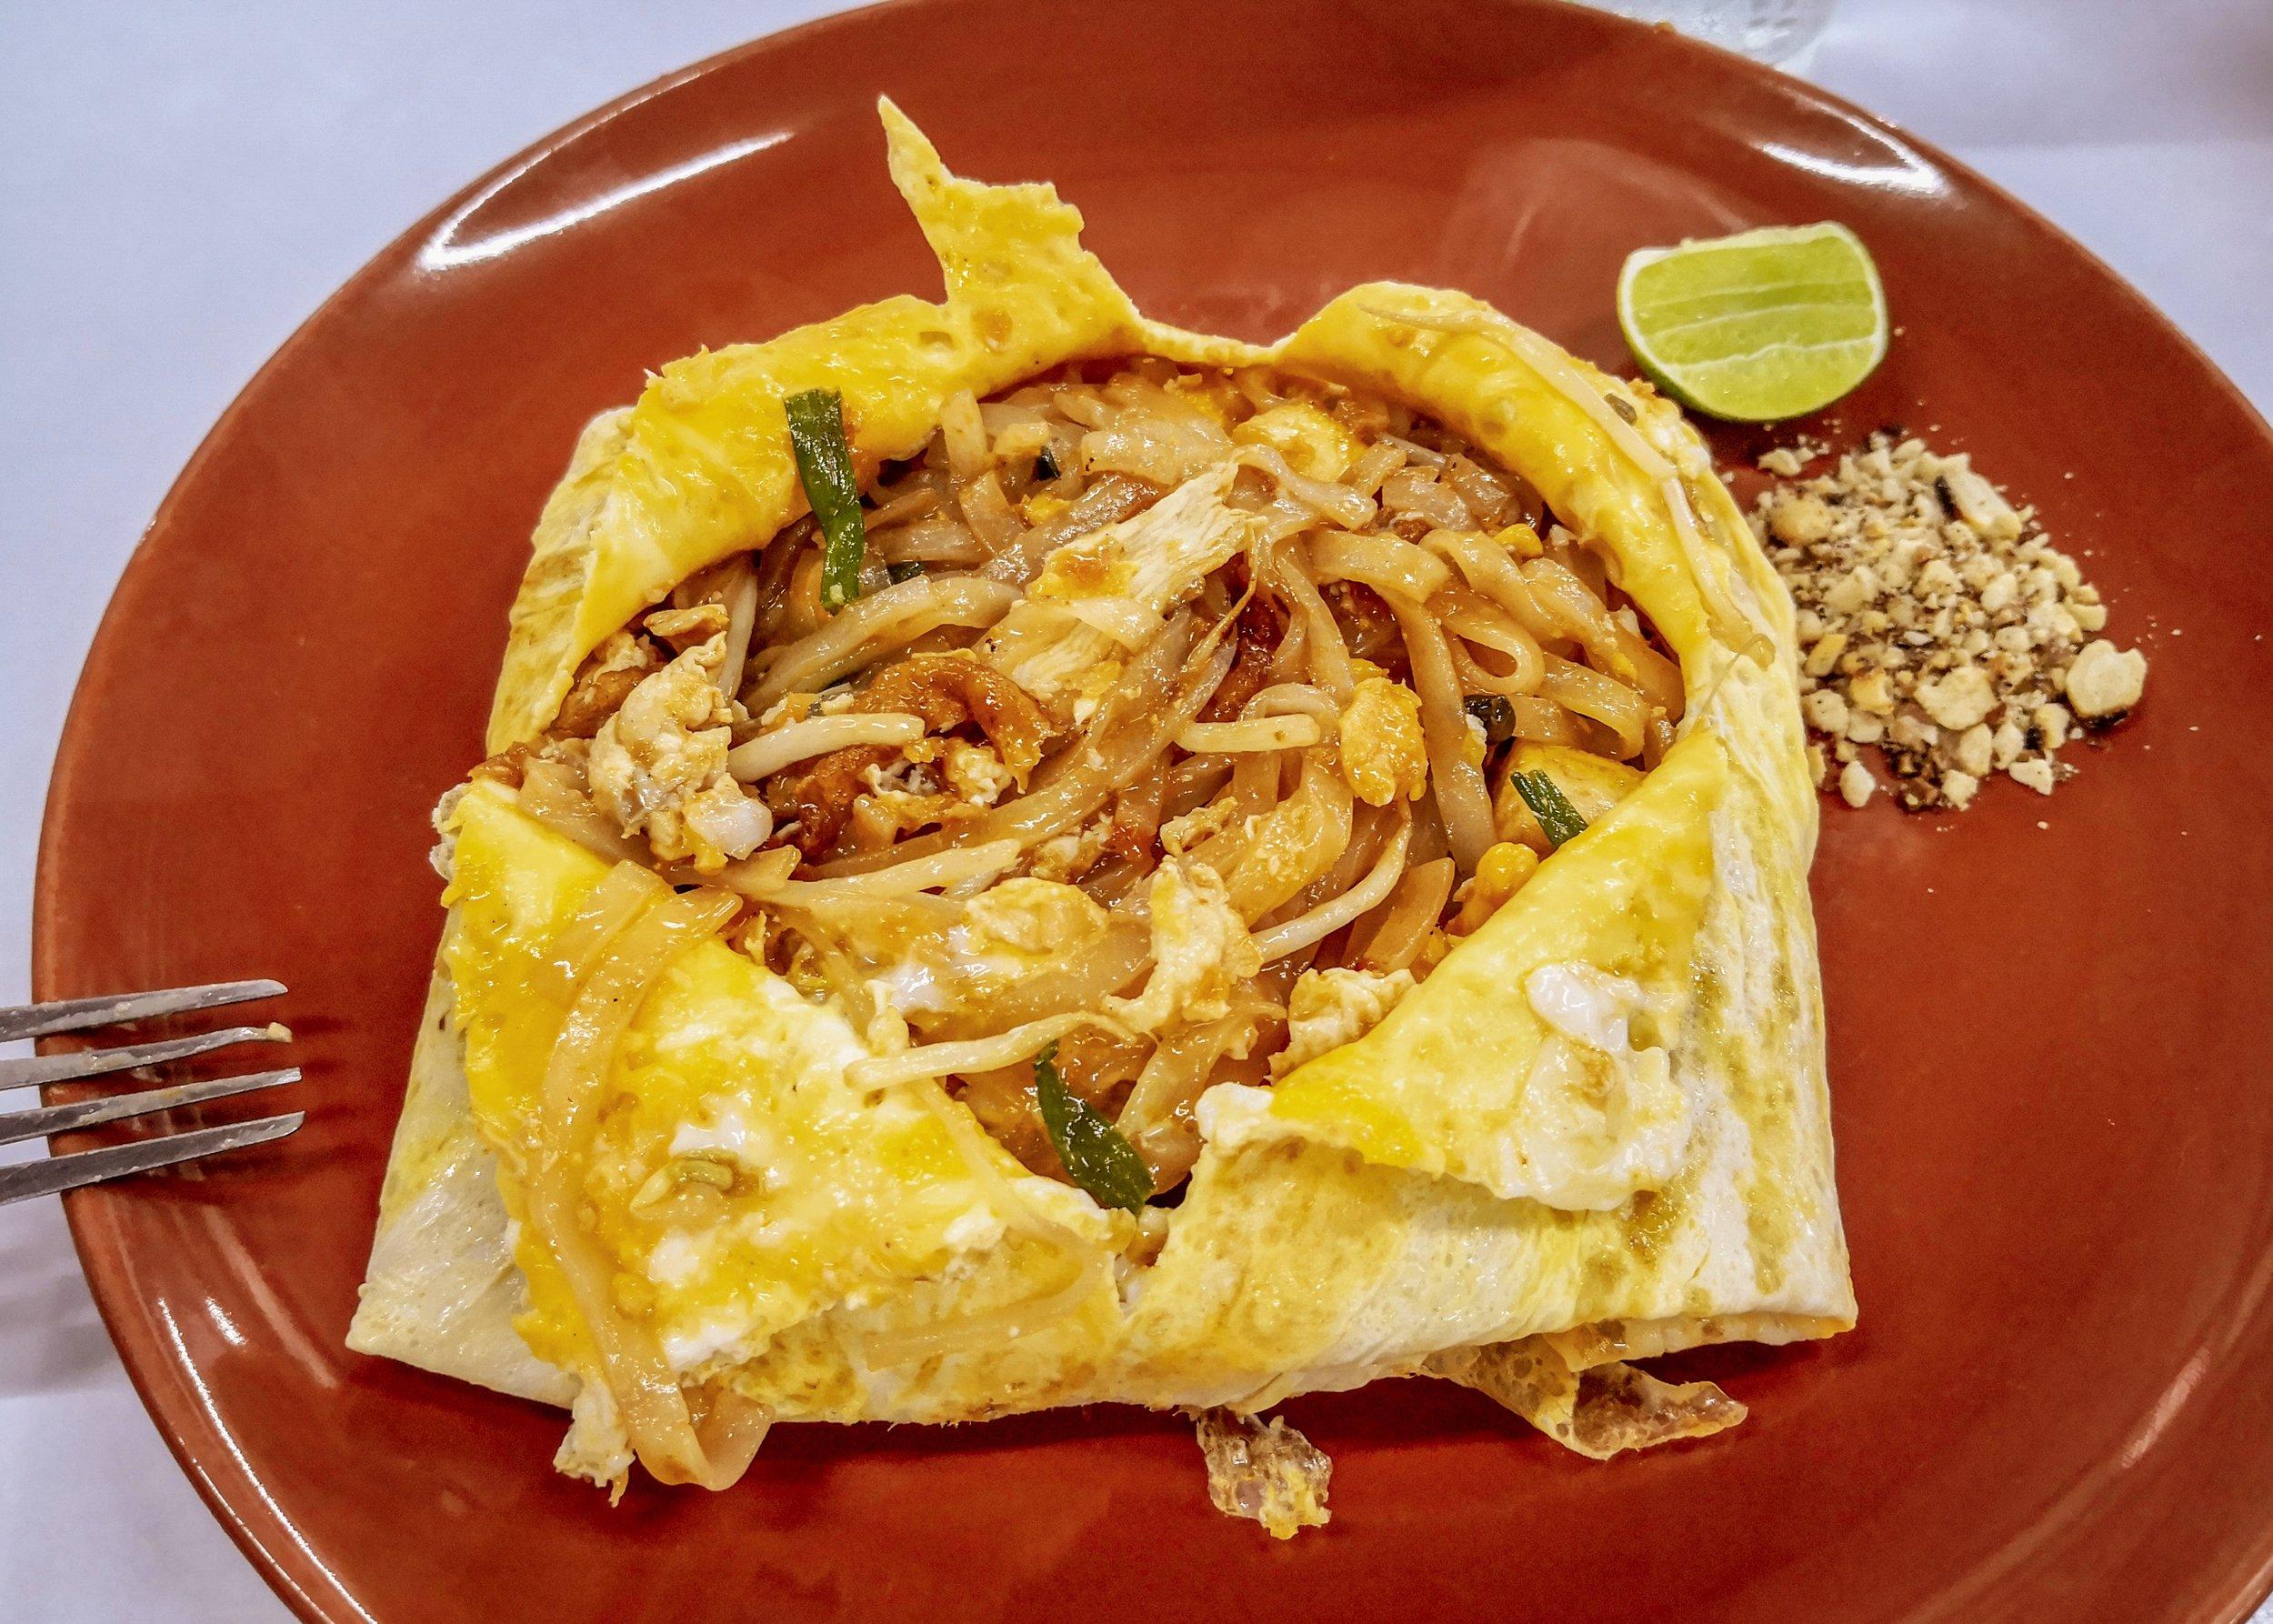 Pad Thai omlettben, mogyoróval - pirított rizstészta zöldségekkel, csirkével és tojással, a leggyorsabban elkészíthető Thai fogás